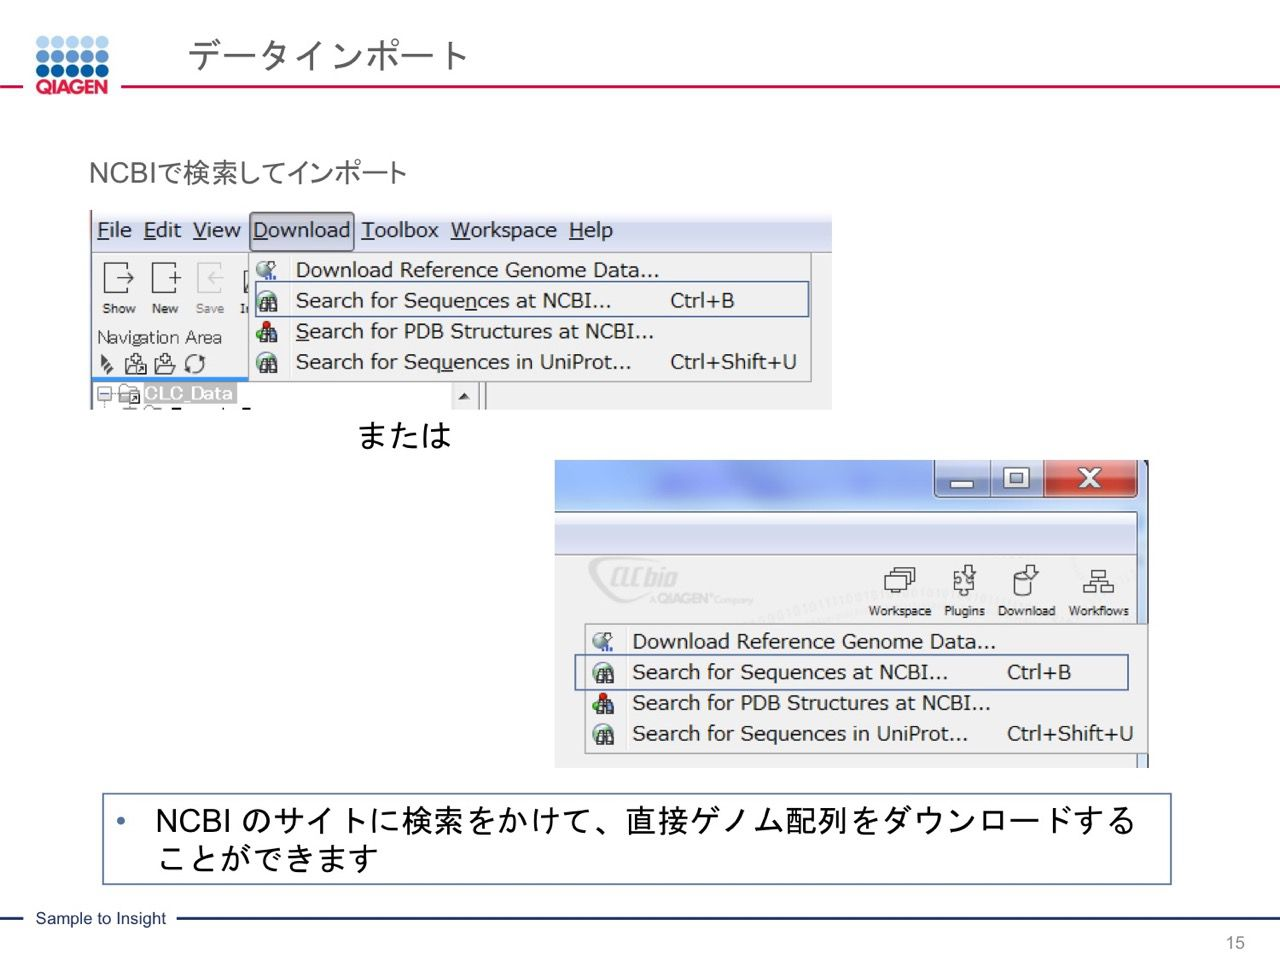 images/AJACSa2_miyamoto_015.jpg